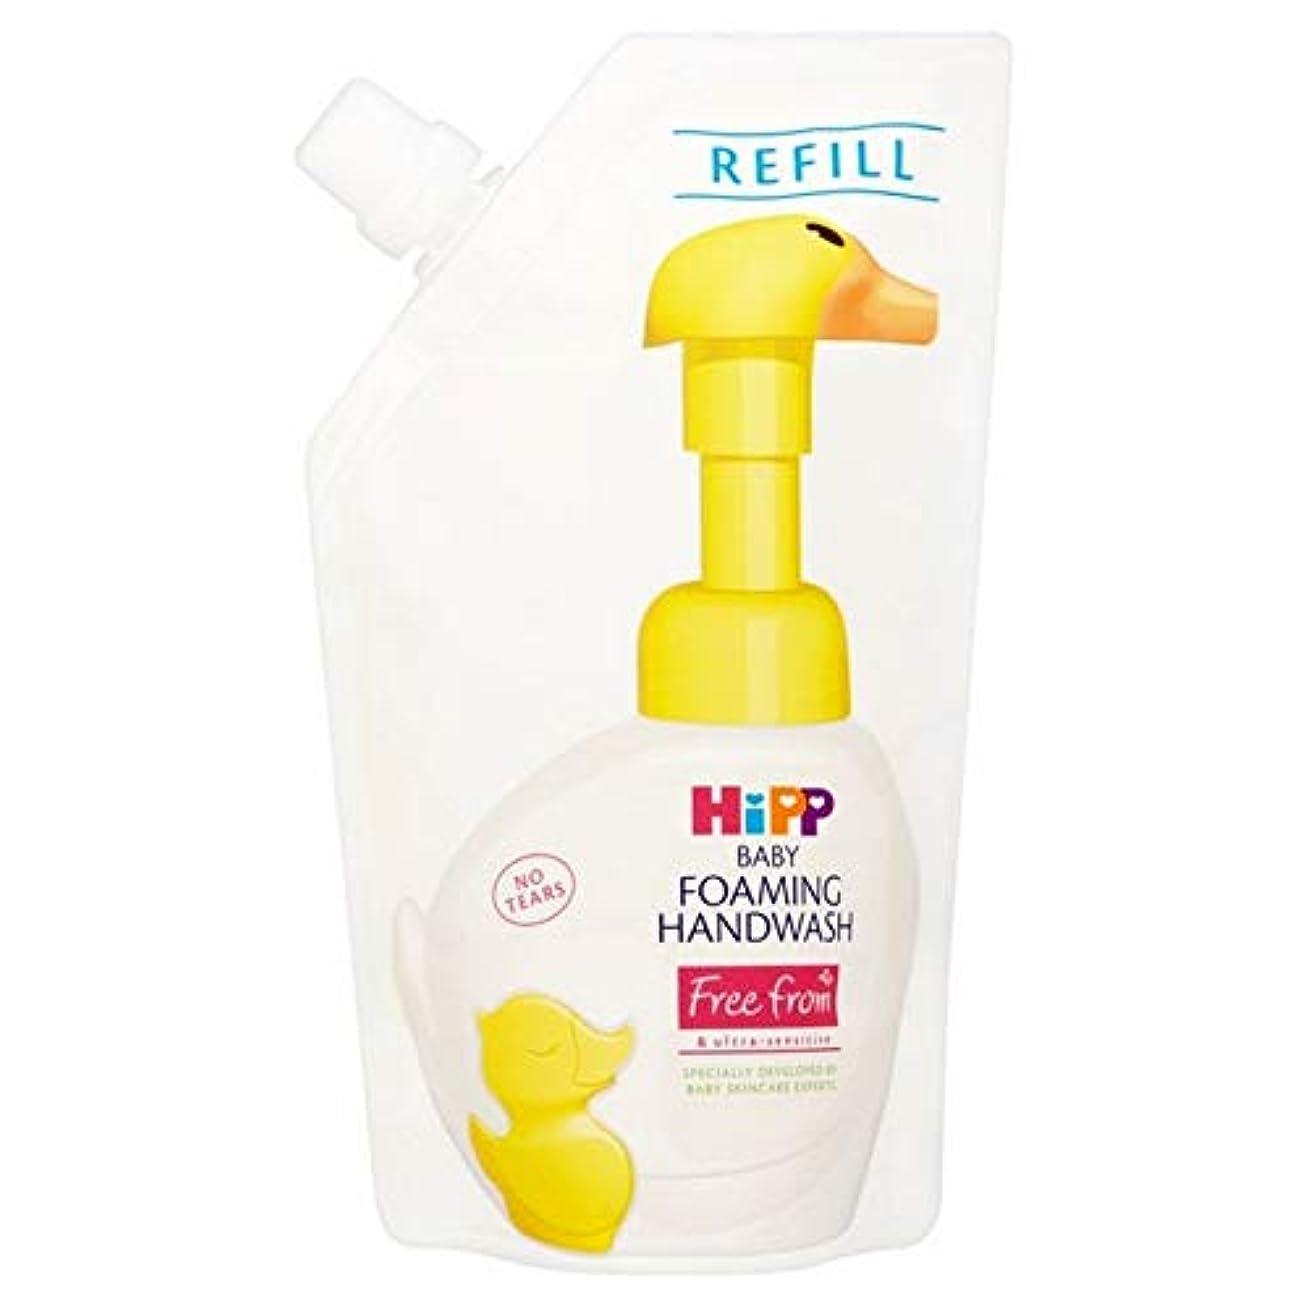 アトミック舗装全く[Hipp ] ヒップ発泡手洗い用リフィル250ミリリットル - HiPP Foaming Handwash Refill 250ml [並行輸入品]